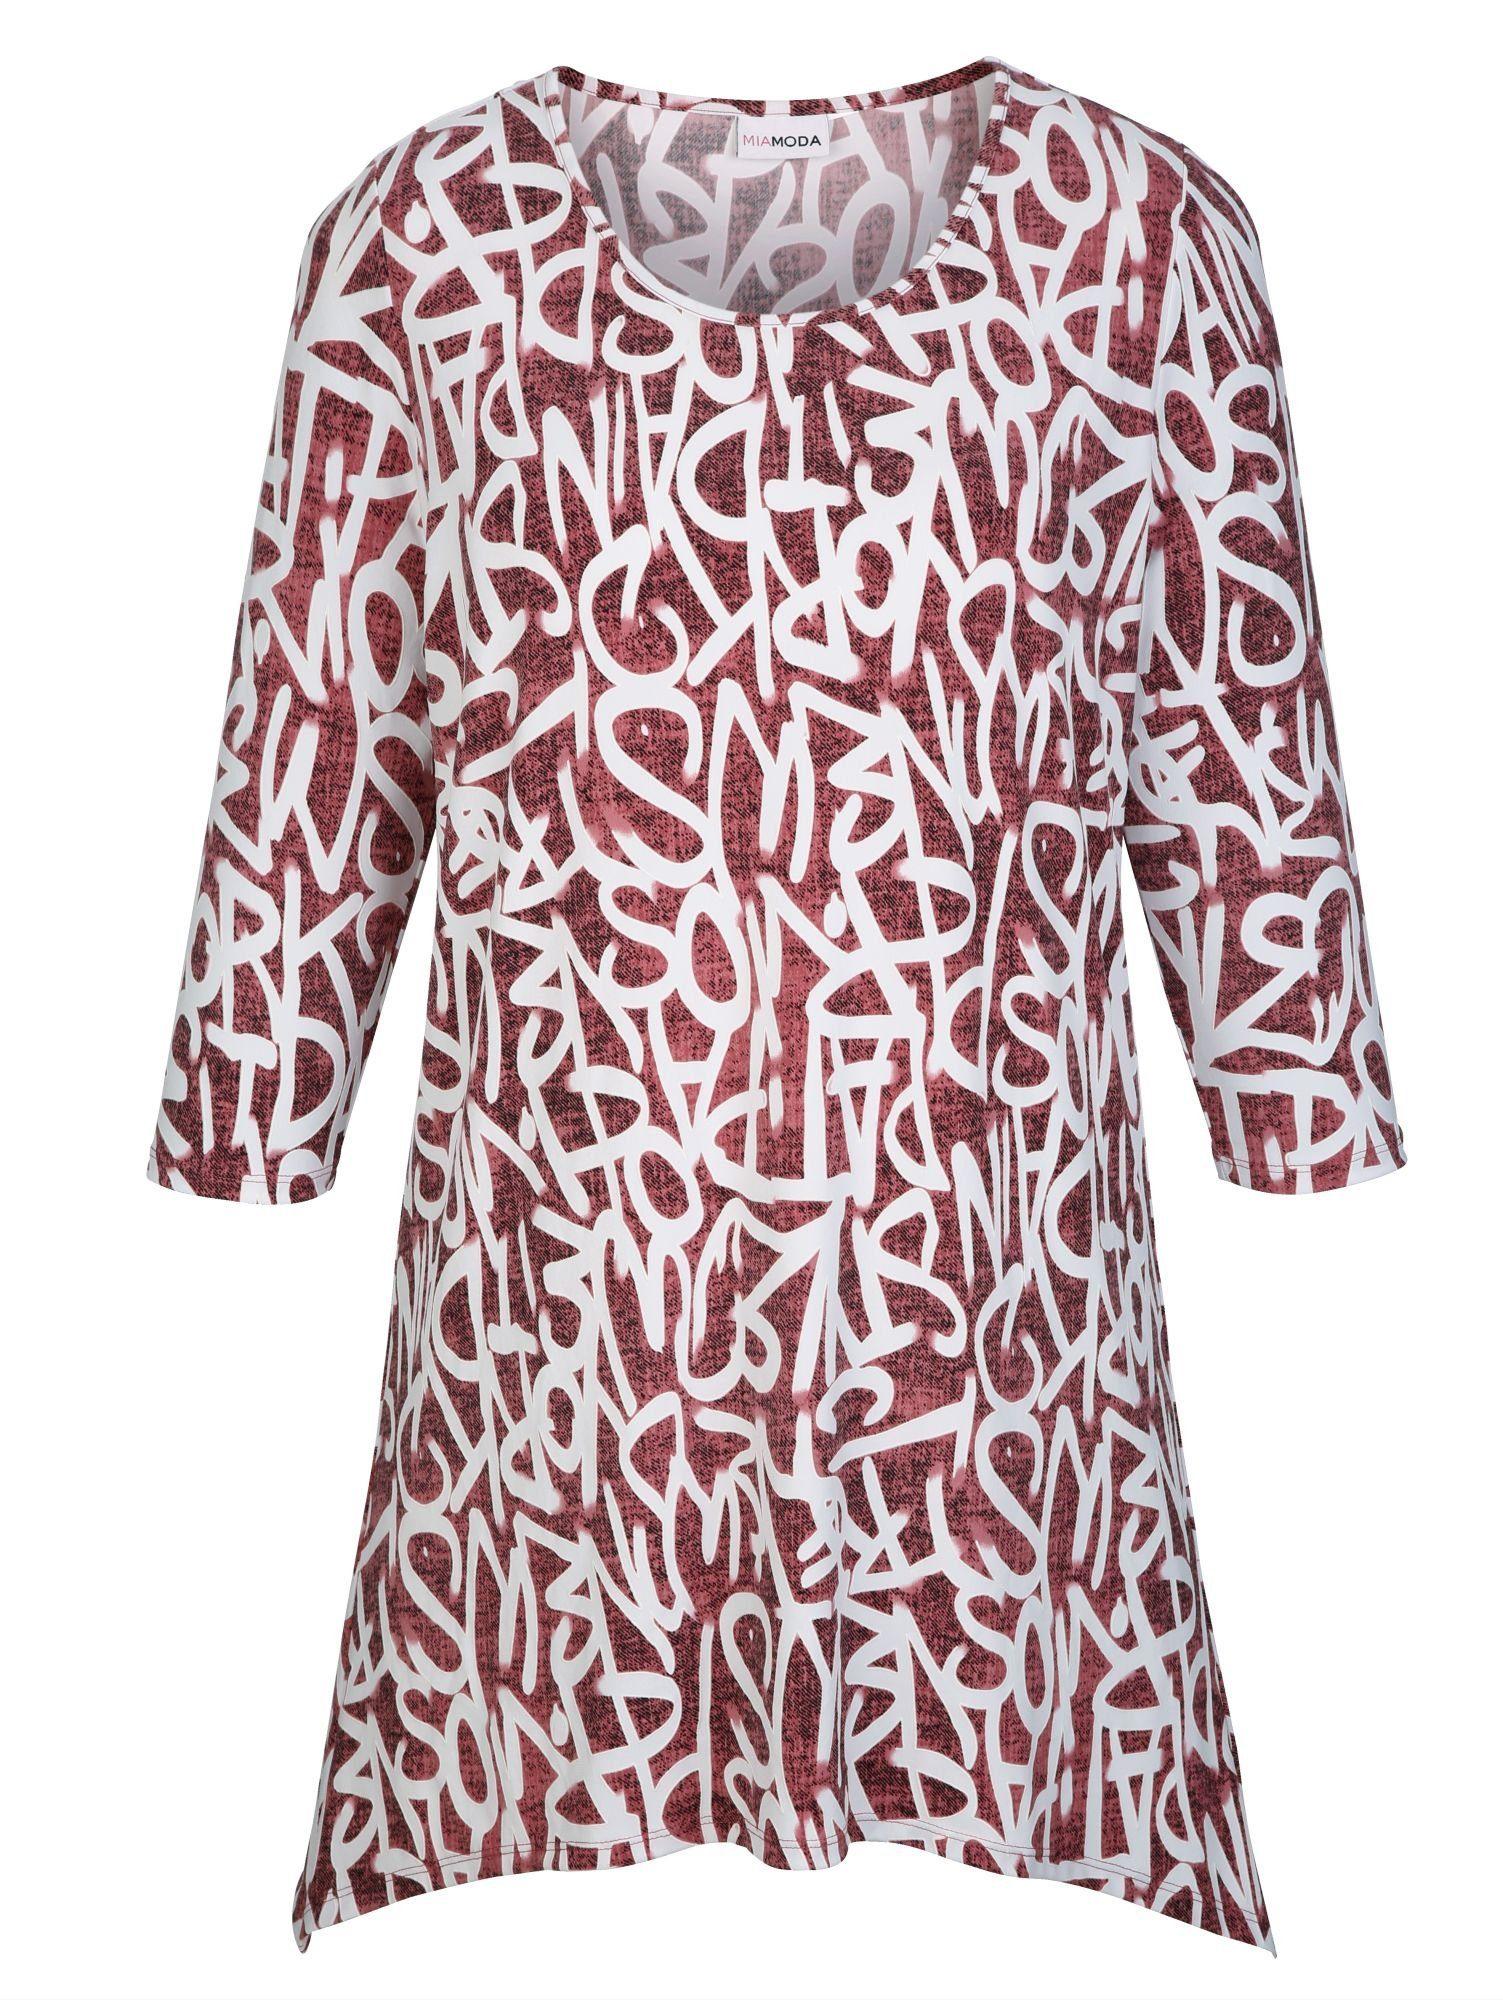 MIAMODA Zipfelshirt mit strukturiertem Druckmuster | Bekleidung > Shirts > Zipfelshirts | Rosa | Polyester | MIAMODA